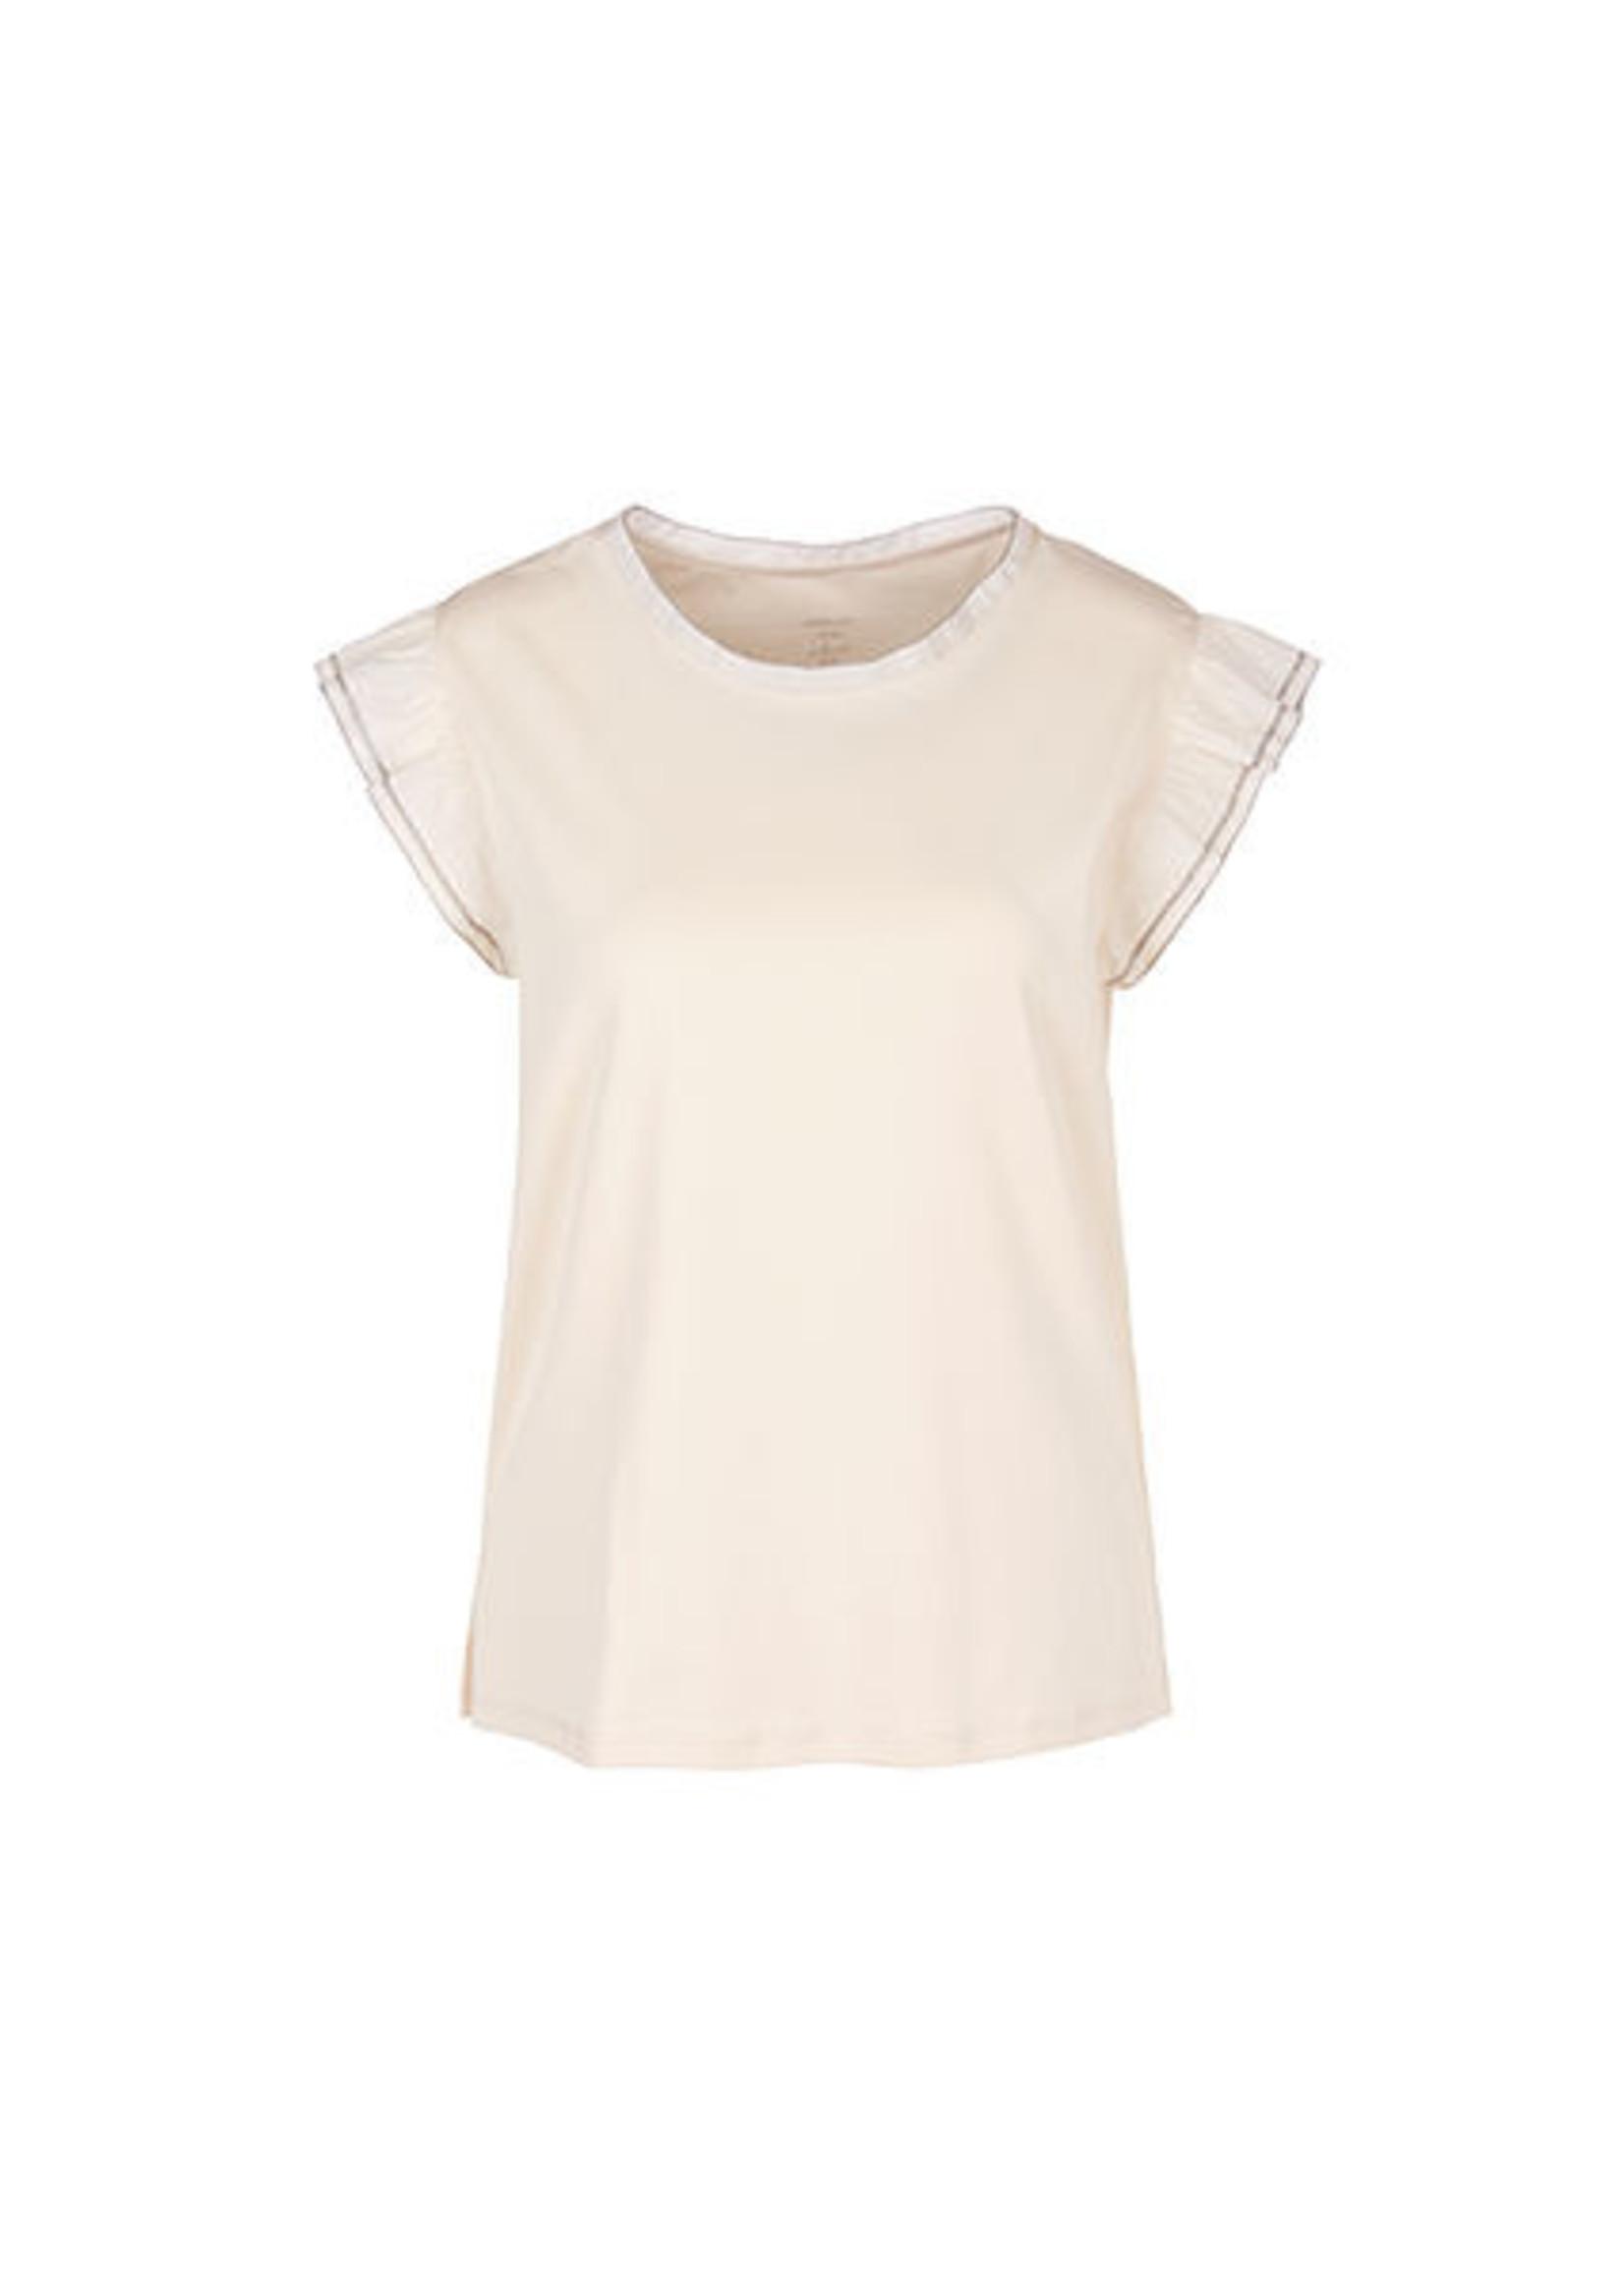 T-shirt QC 48.42 J14